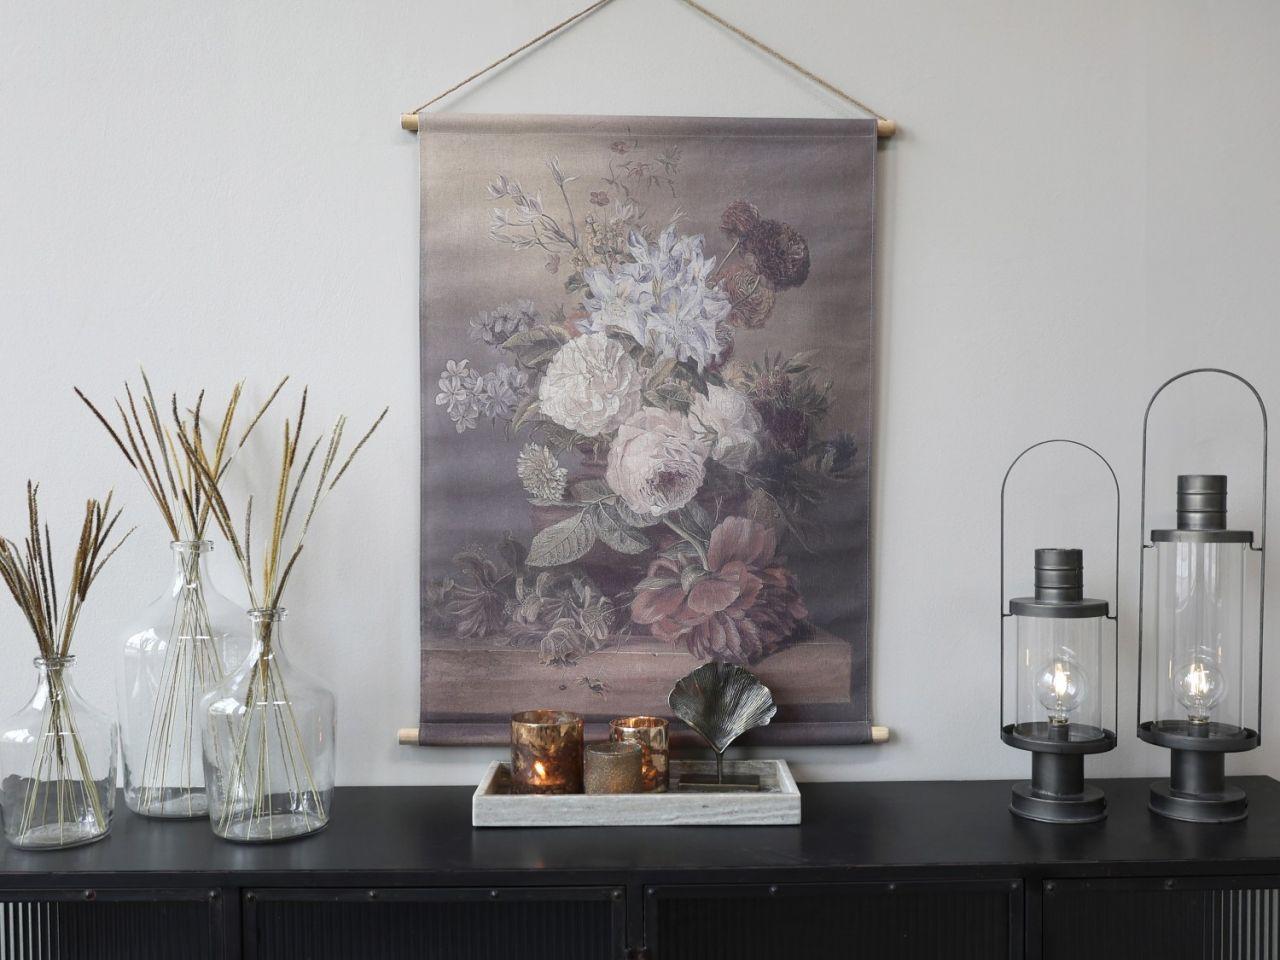 -Leinwandbild zum Aufhängen mit Blumendruck Variante 3k von Chic Antique-